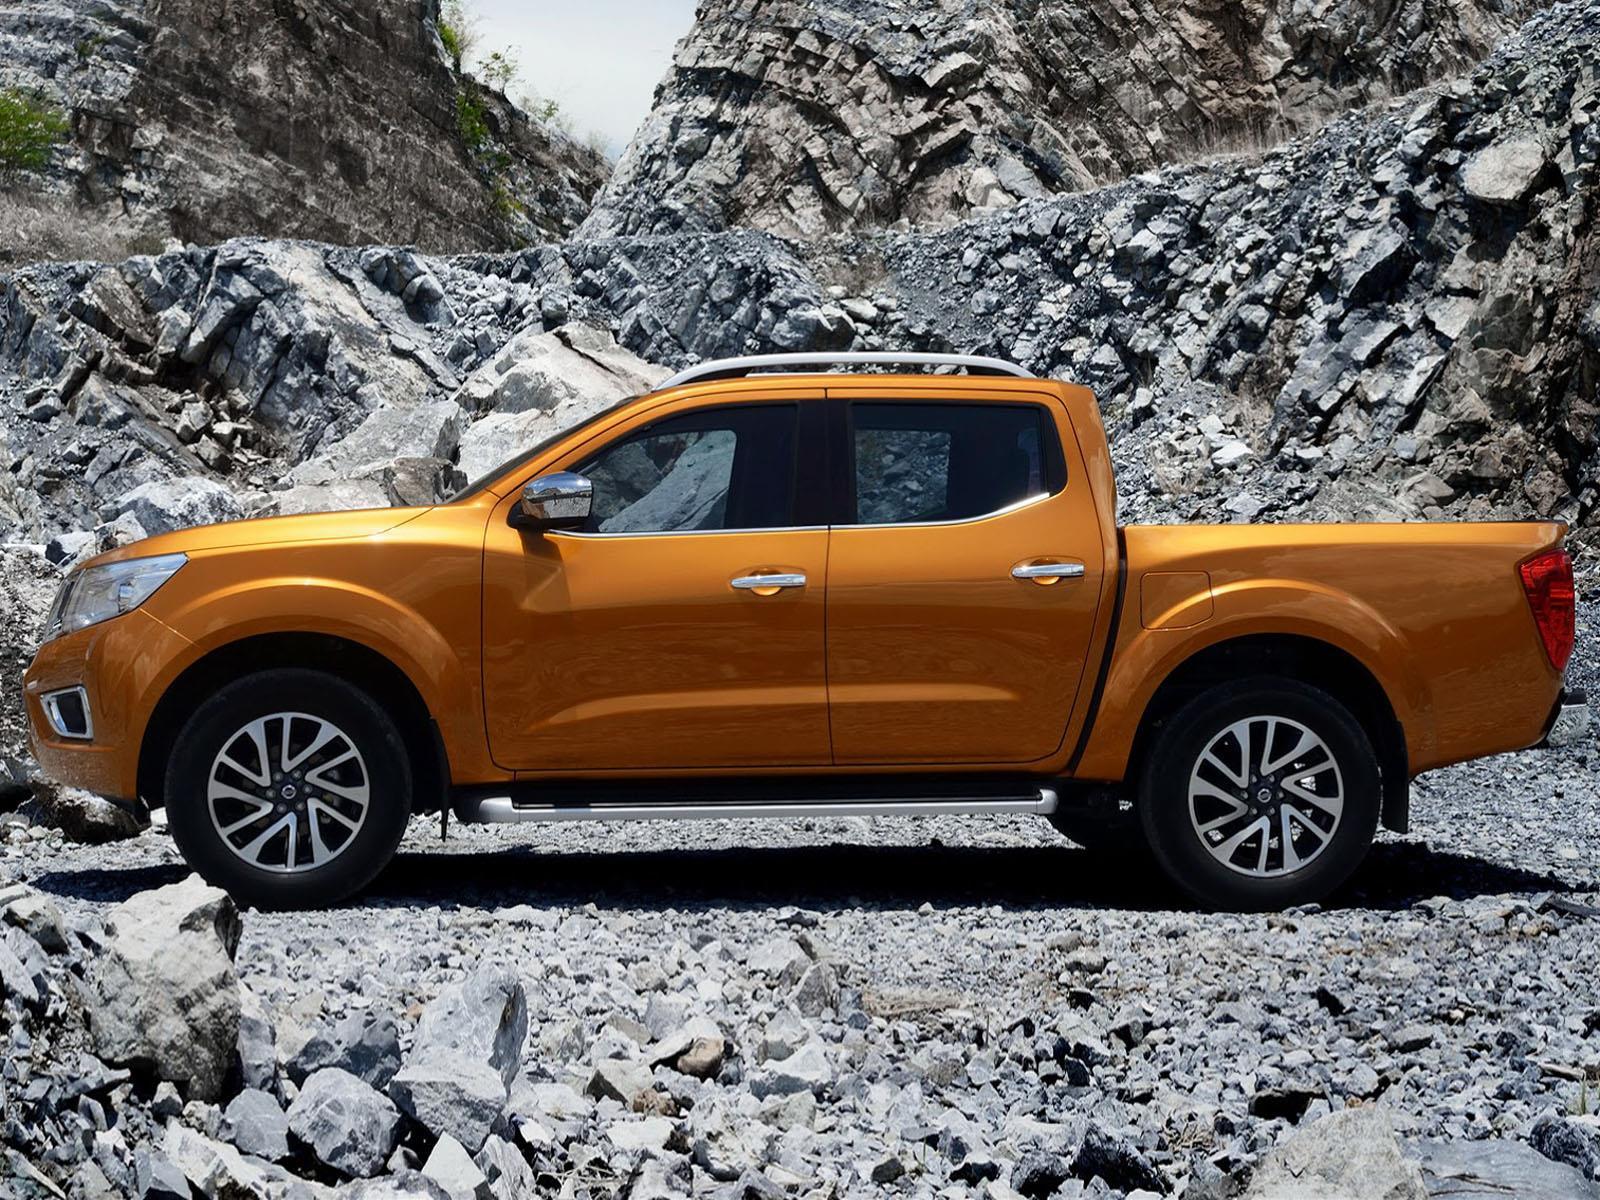 Nueva Nissan Frontier 2015, primeras imágenes - Autocosmos.com